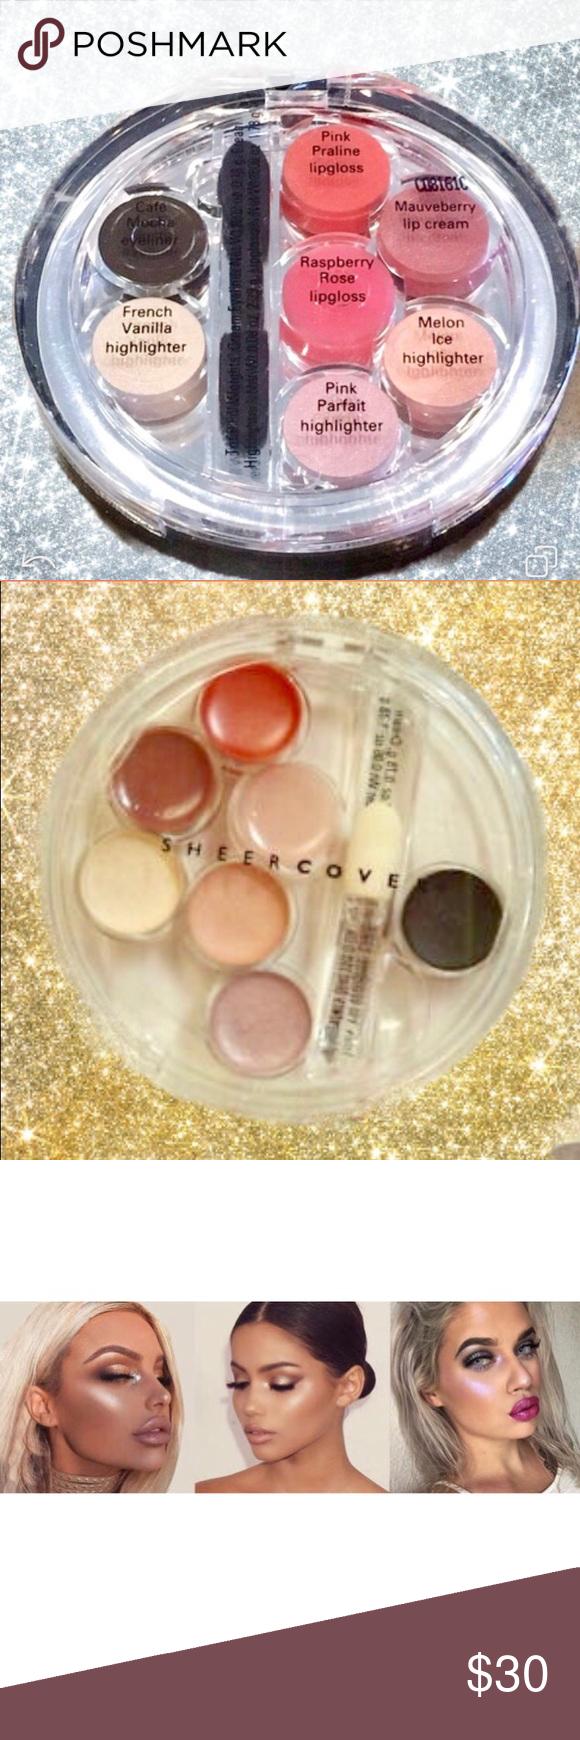 Sheer Cover Face Palette! Sheer Cover Eye, Lip